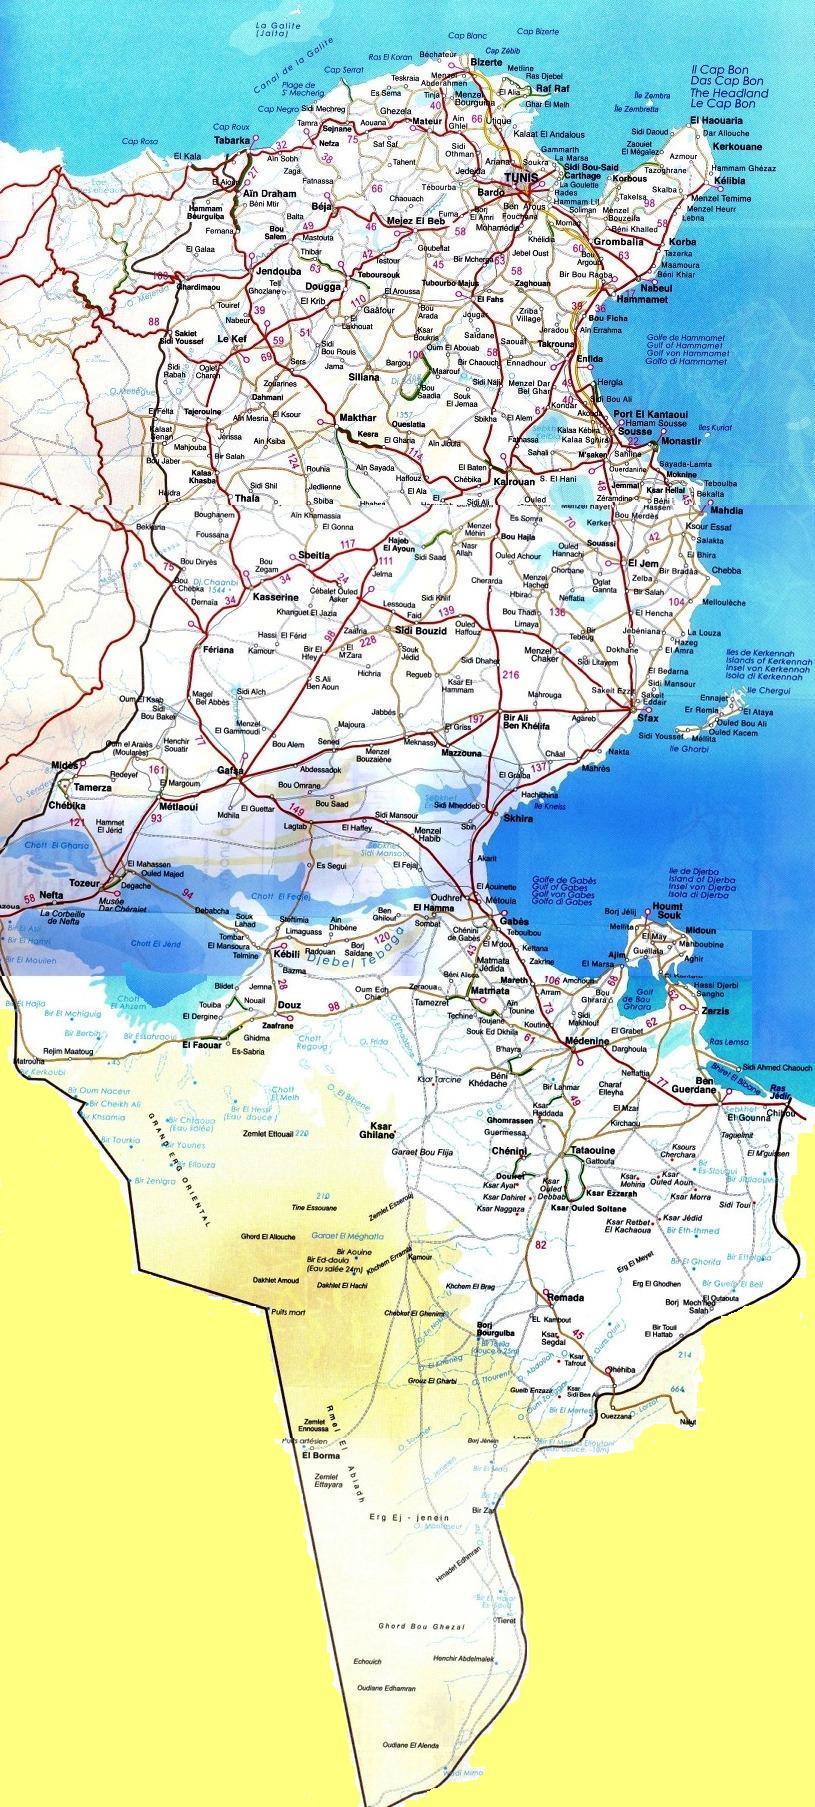 www.Mappi.net : Maps of countries : Tunisia